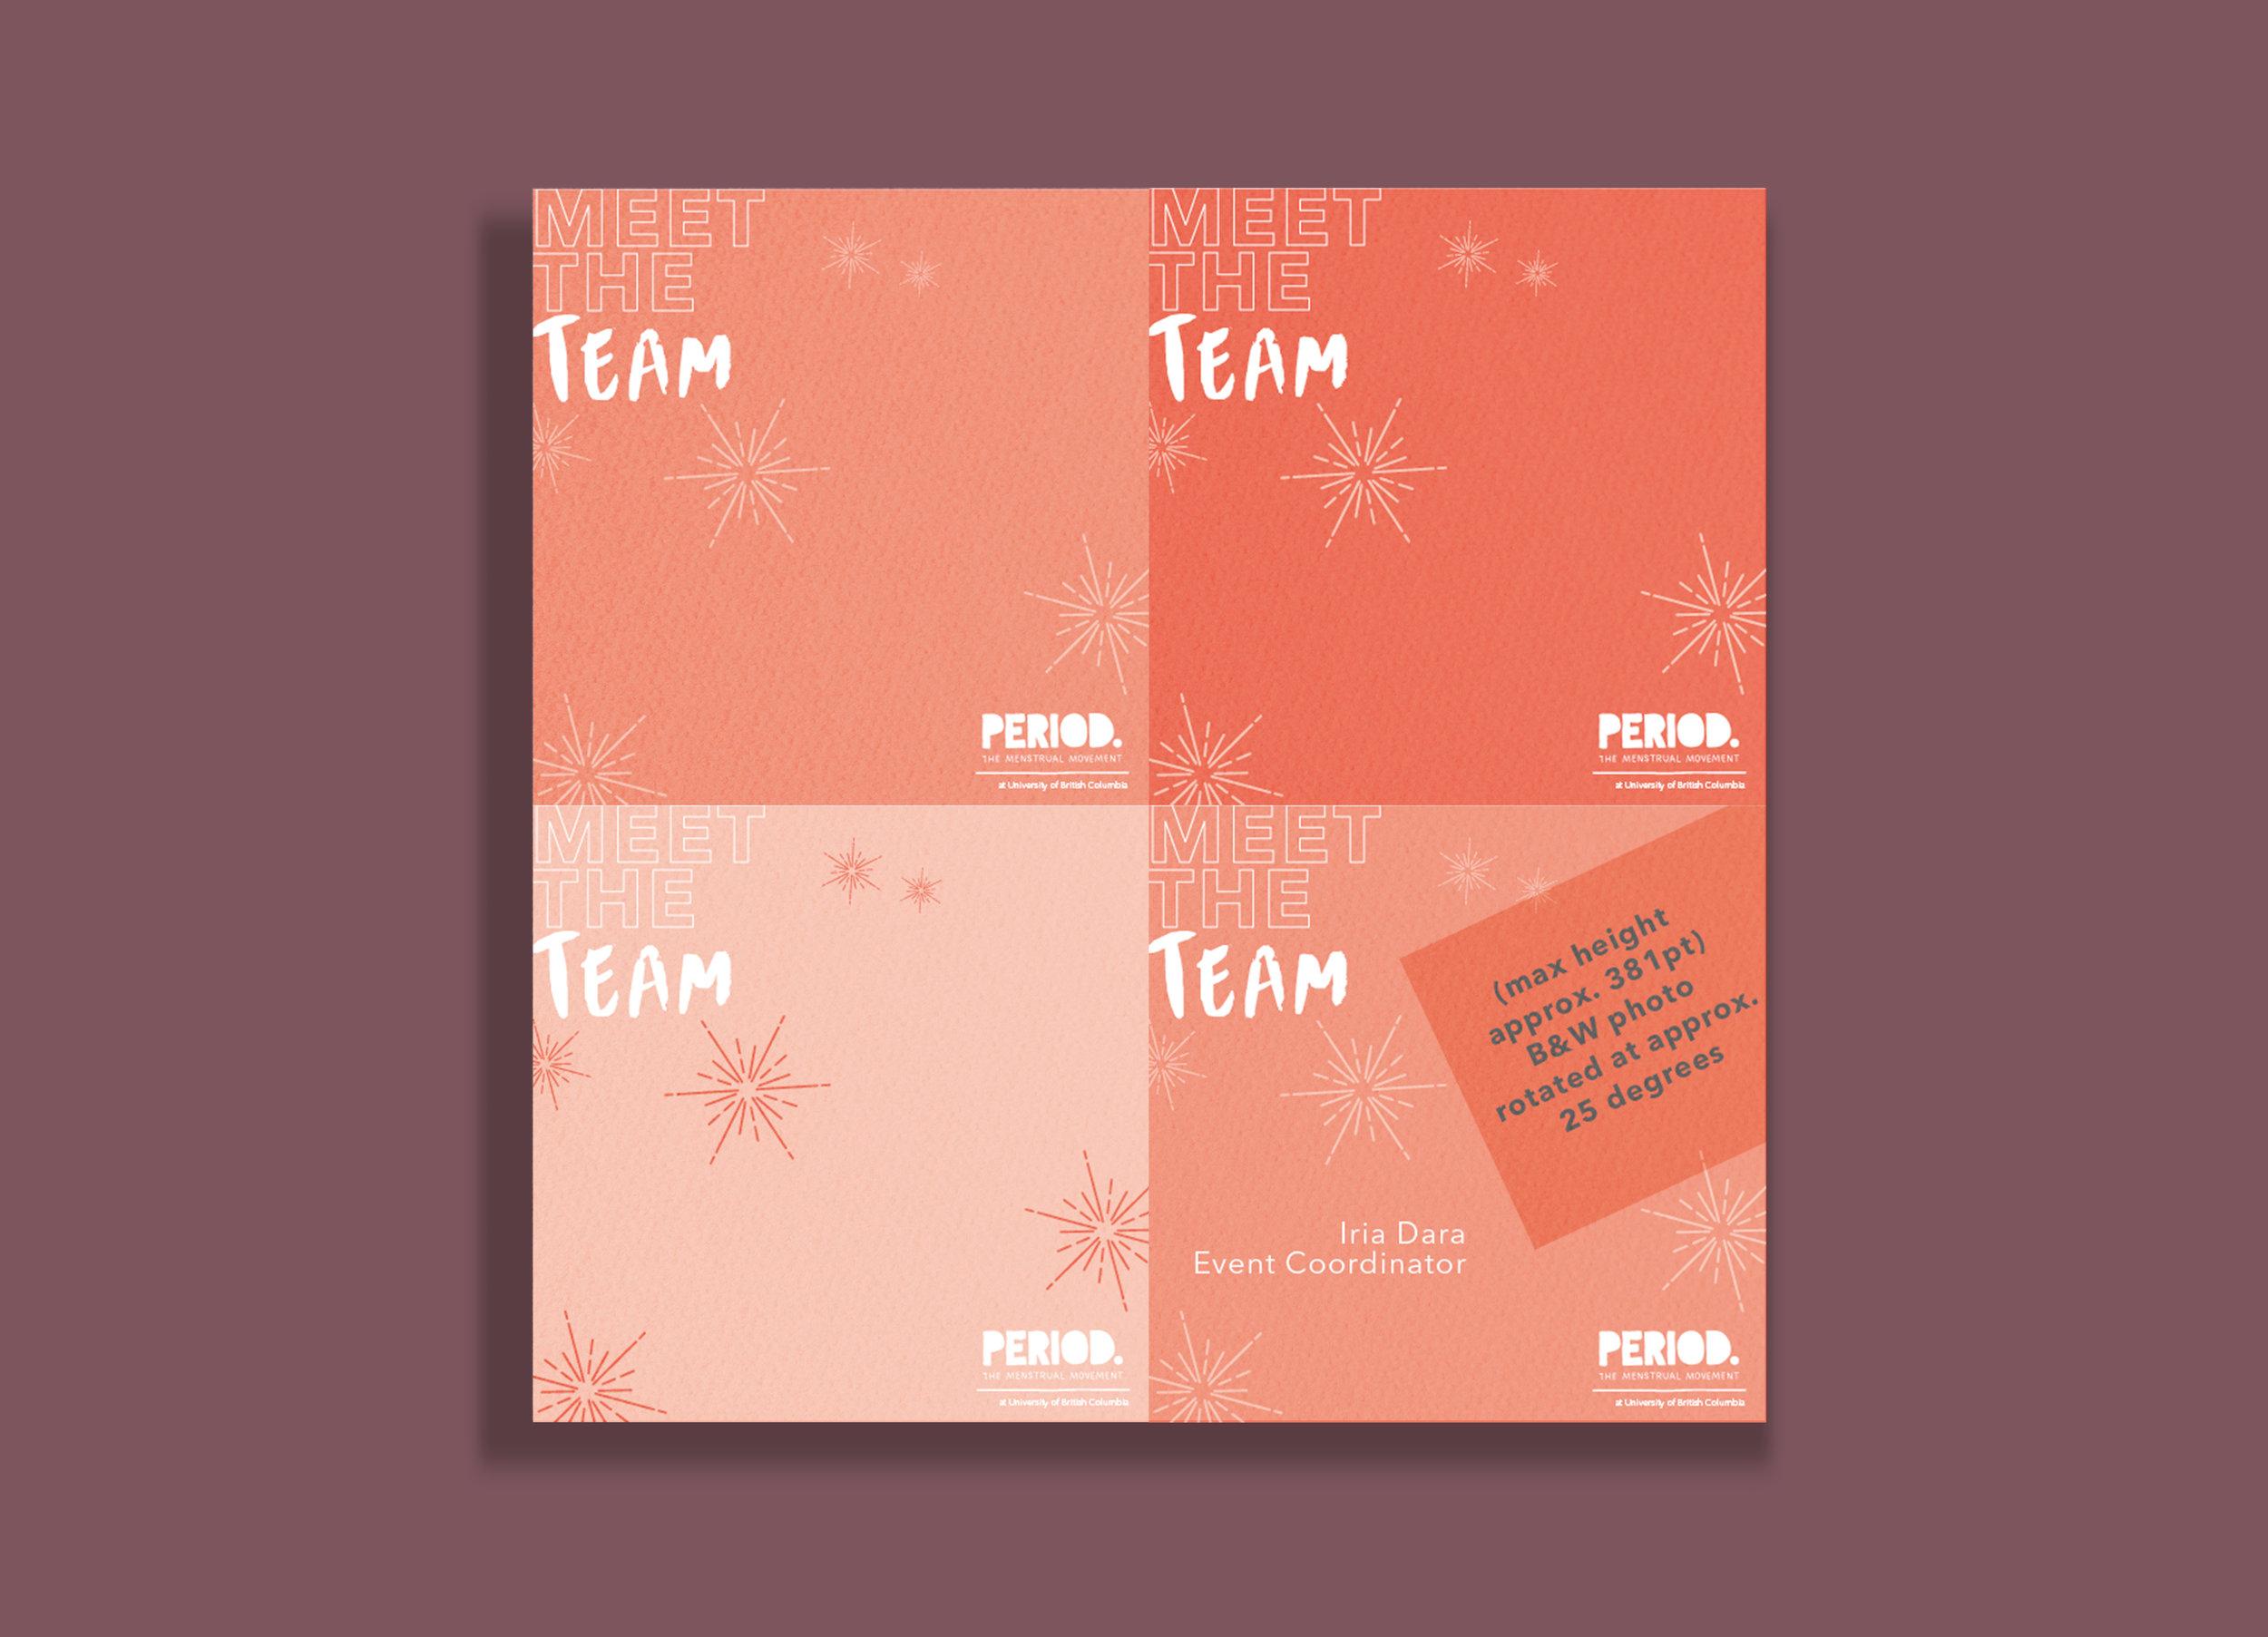 Period Meet the Team.jpg